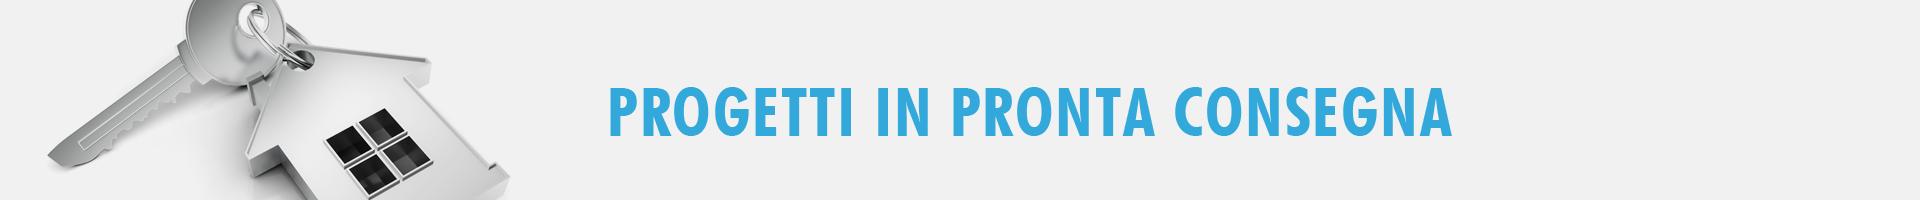 fondo-titolo-progetti-pronta-consegna